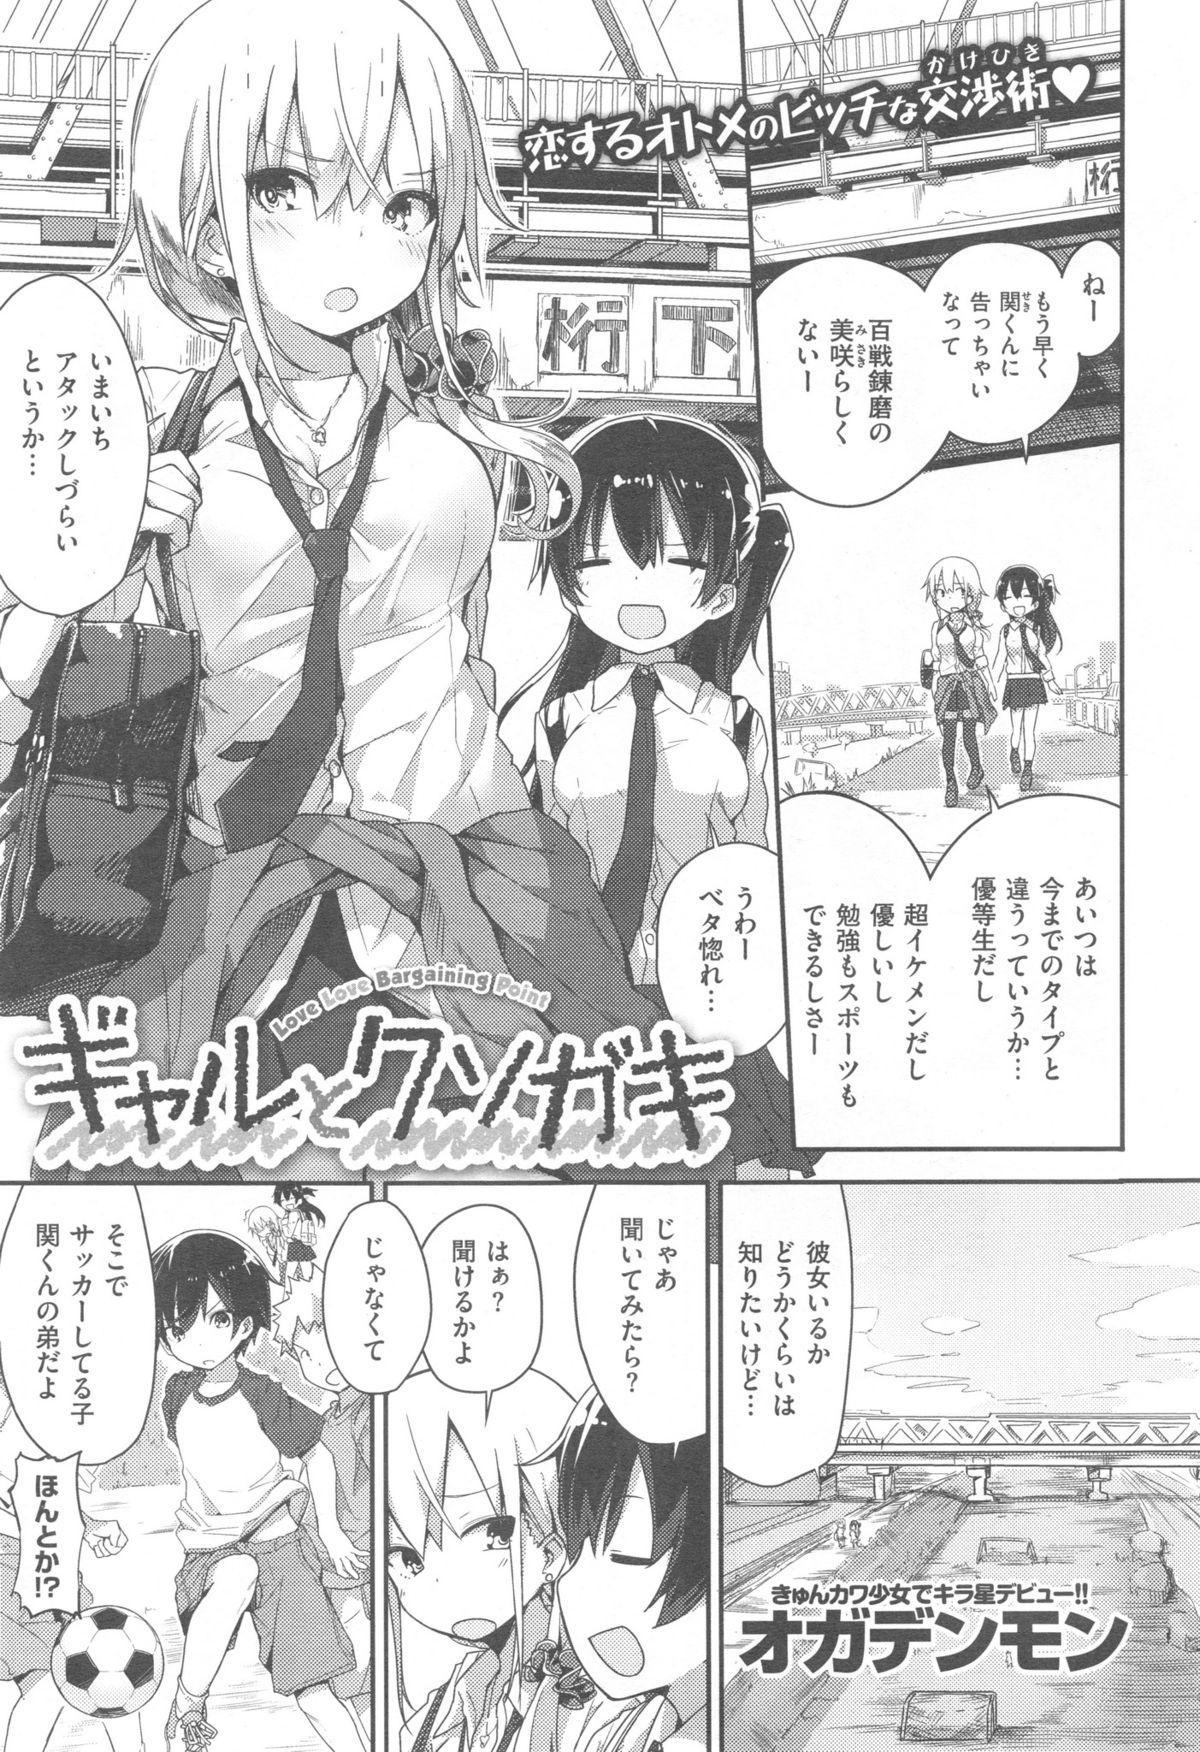 COMIC Kairakuten XTC Vol. 5 159